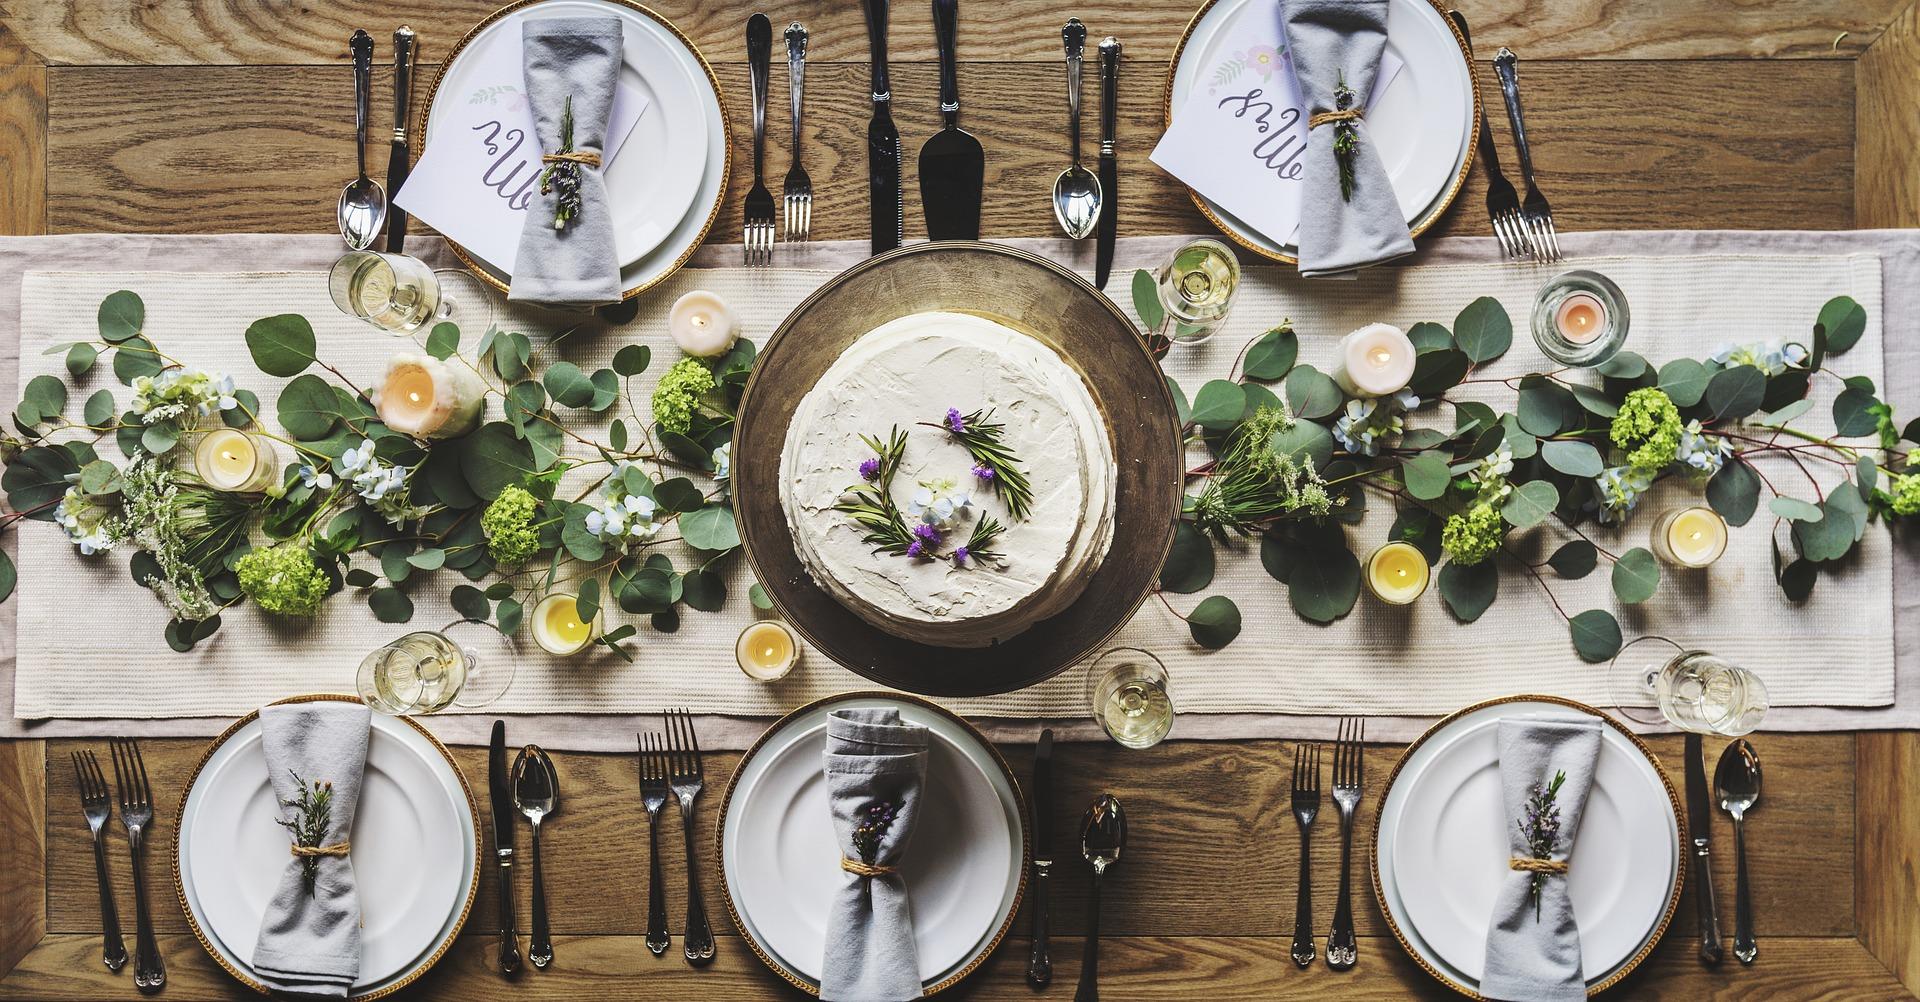 Art de table -inspiration nature esprit bohème pour décoration de table